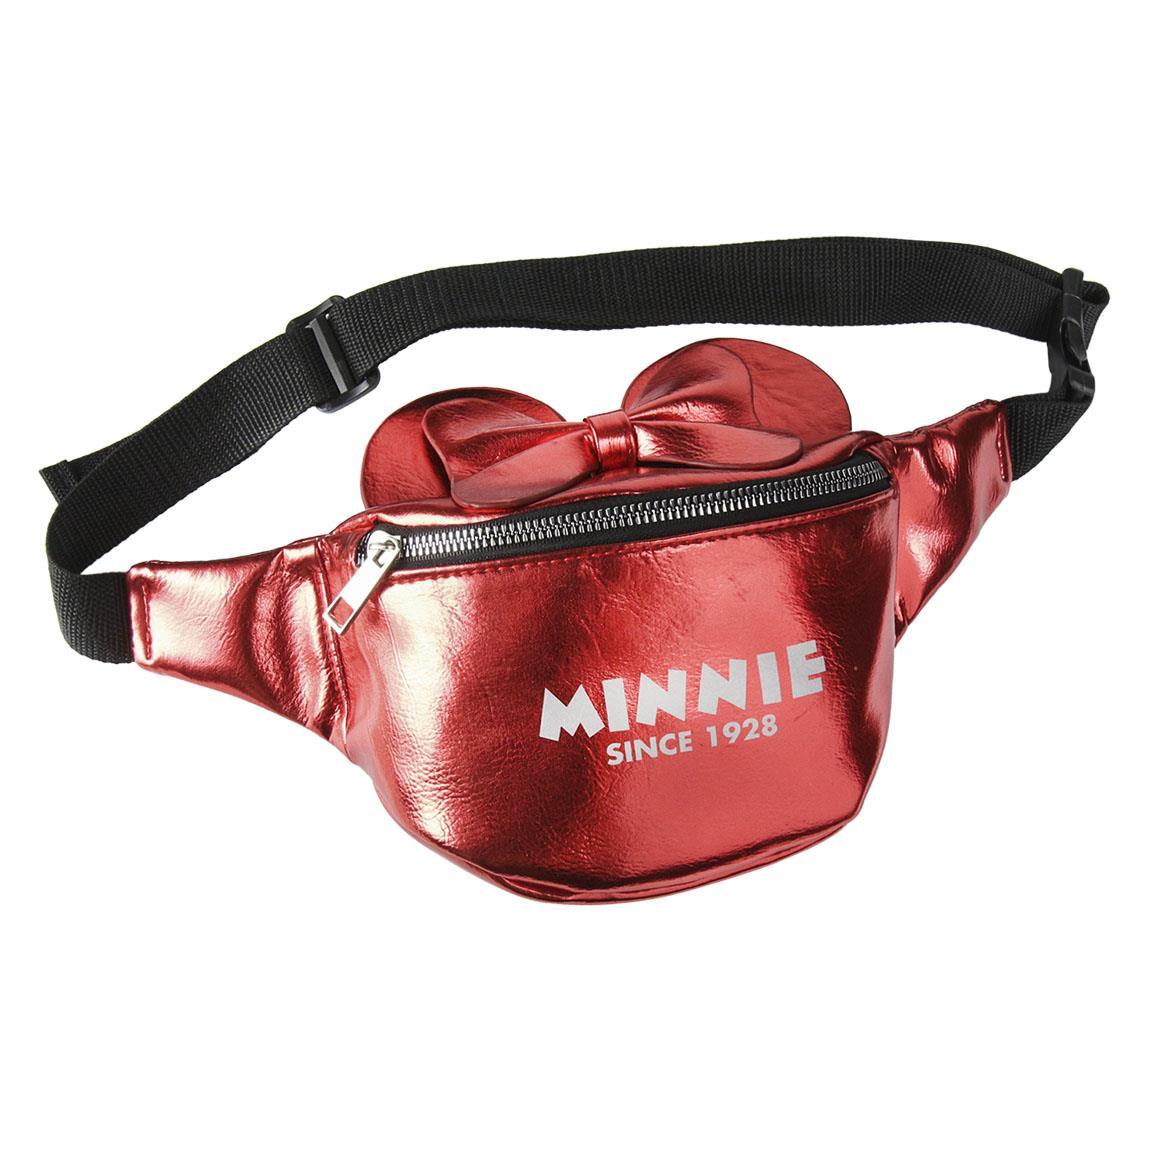 MINNIE BELT BAG